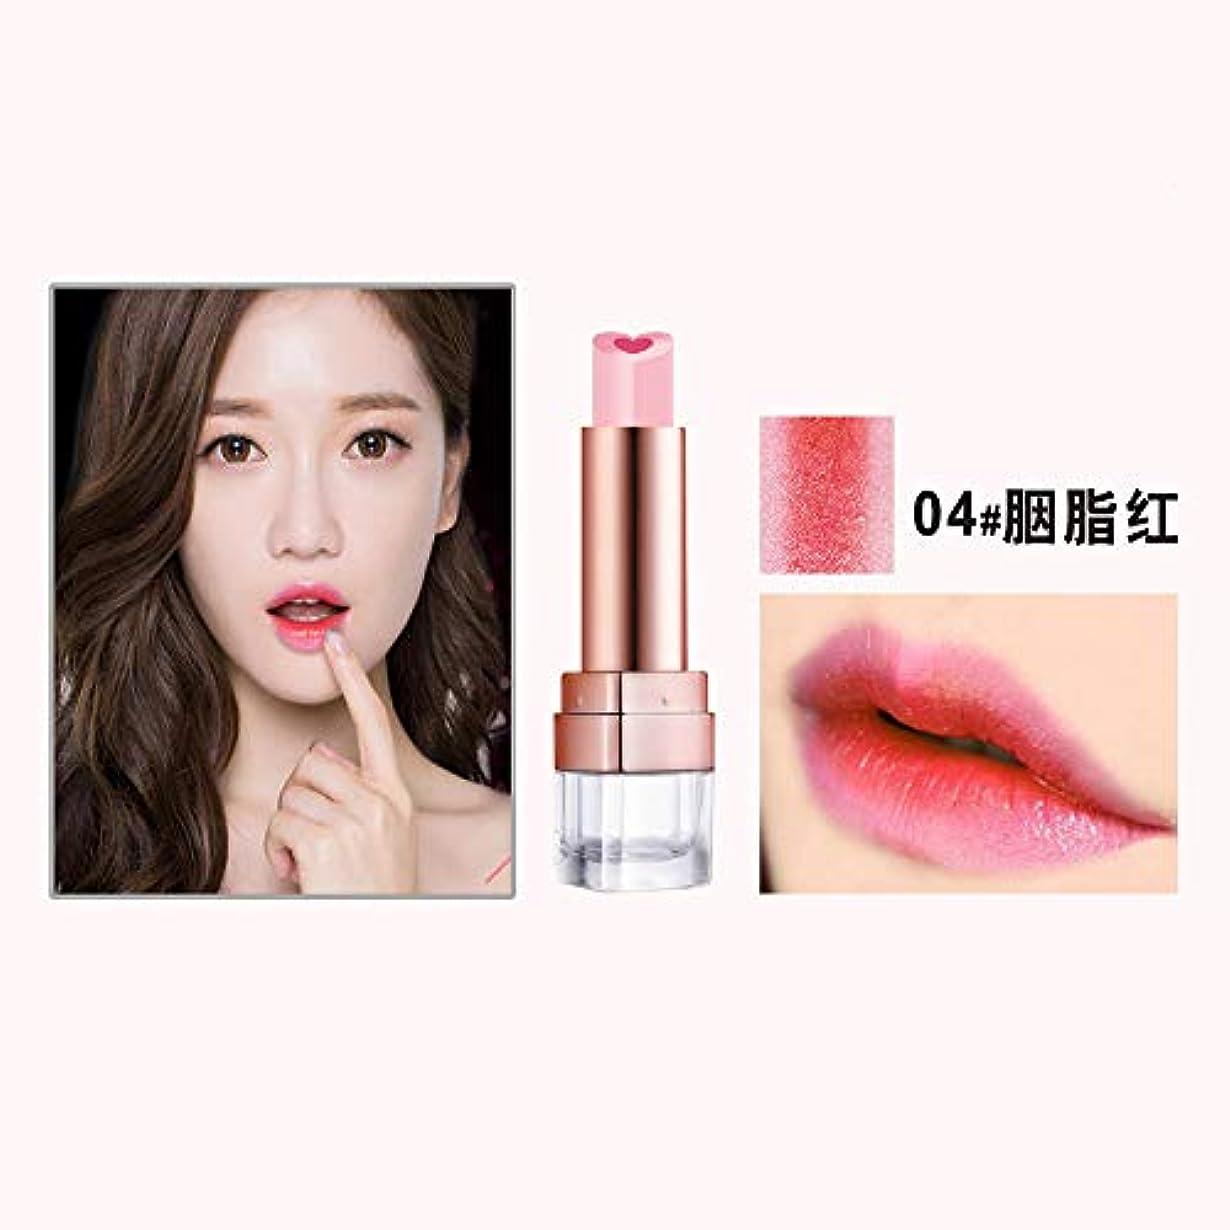 コットンアナログリマ口紅 リップスティック 唇のメイクをかむ 人気 3D 立体 二重色 落ない うるおい 6色選択可能 (04)